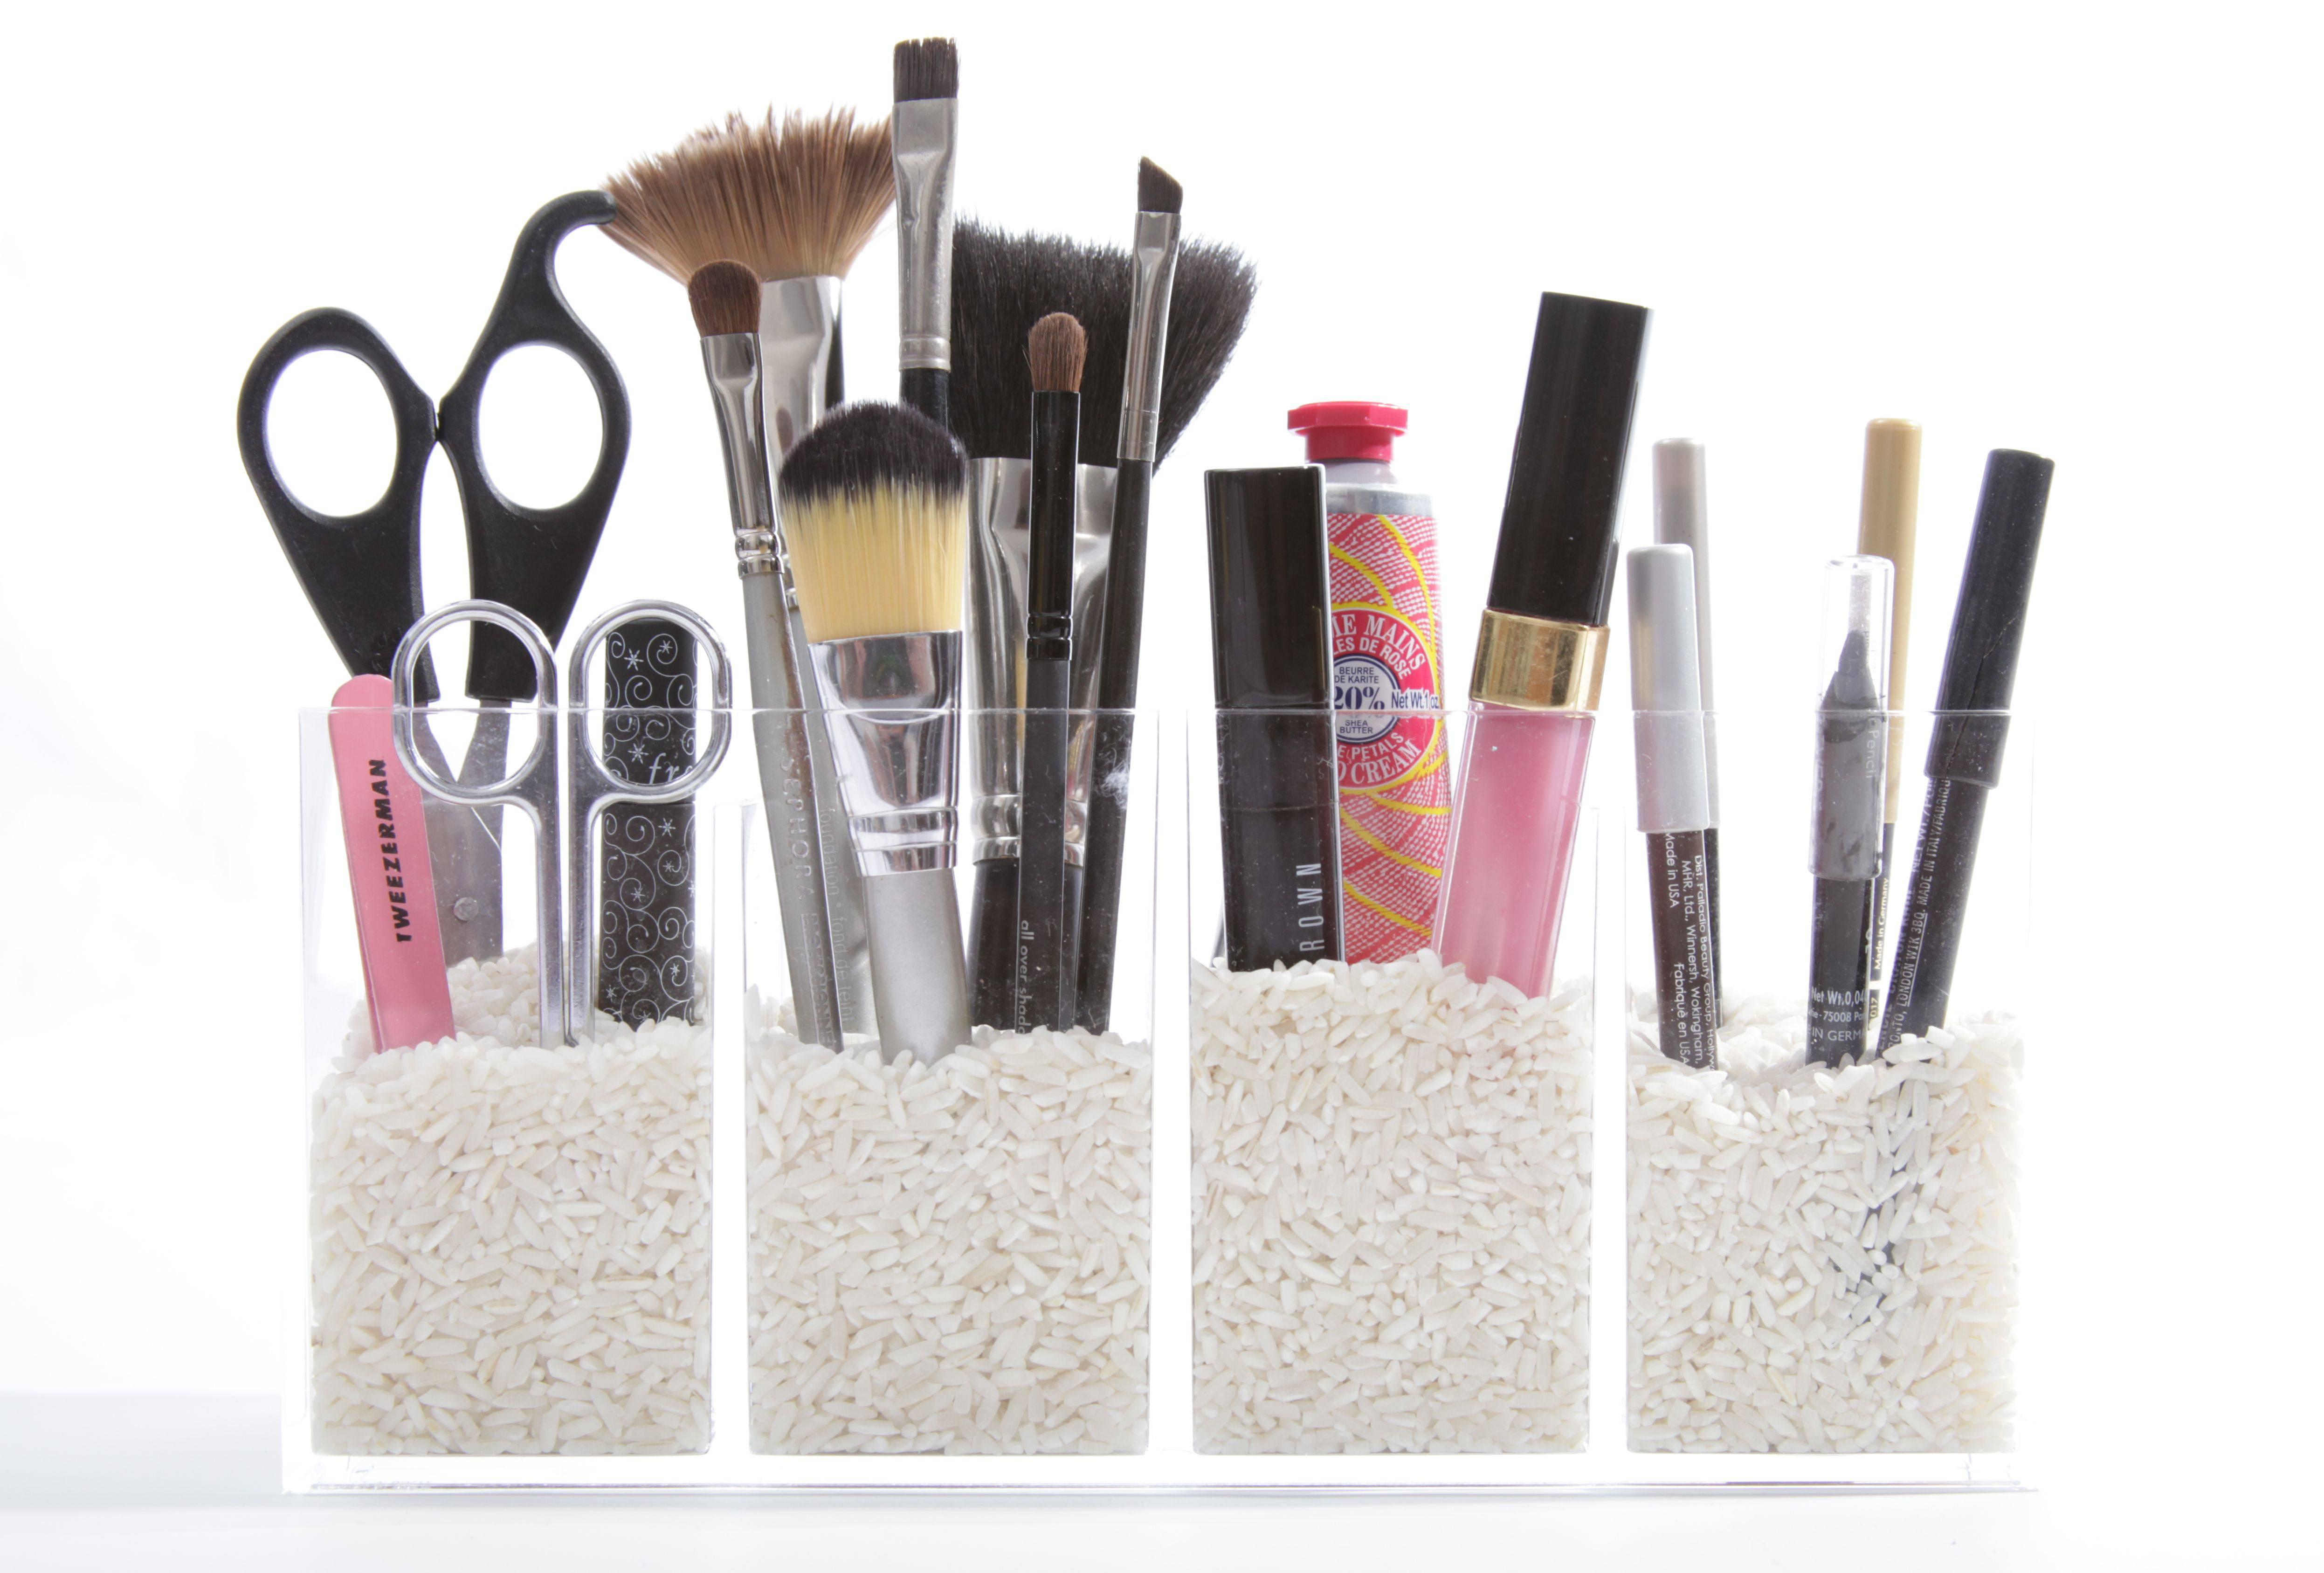 dicas de como organizar maquiagem4